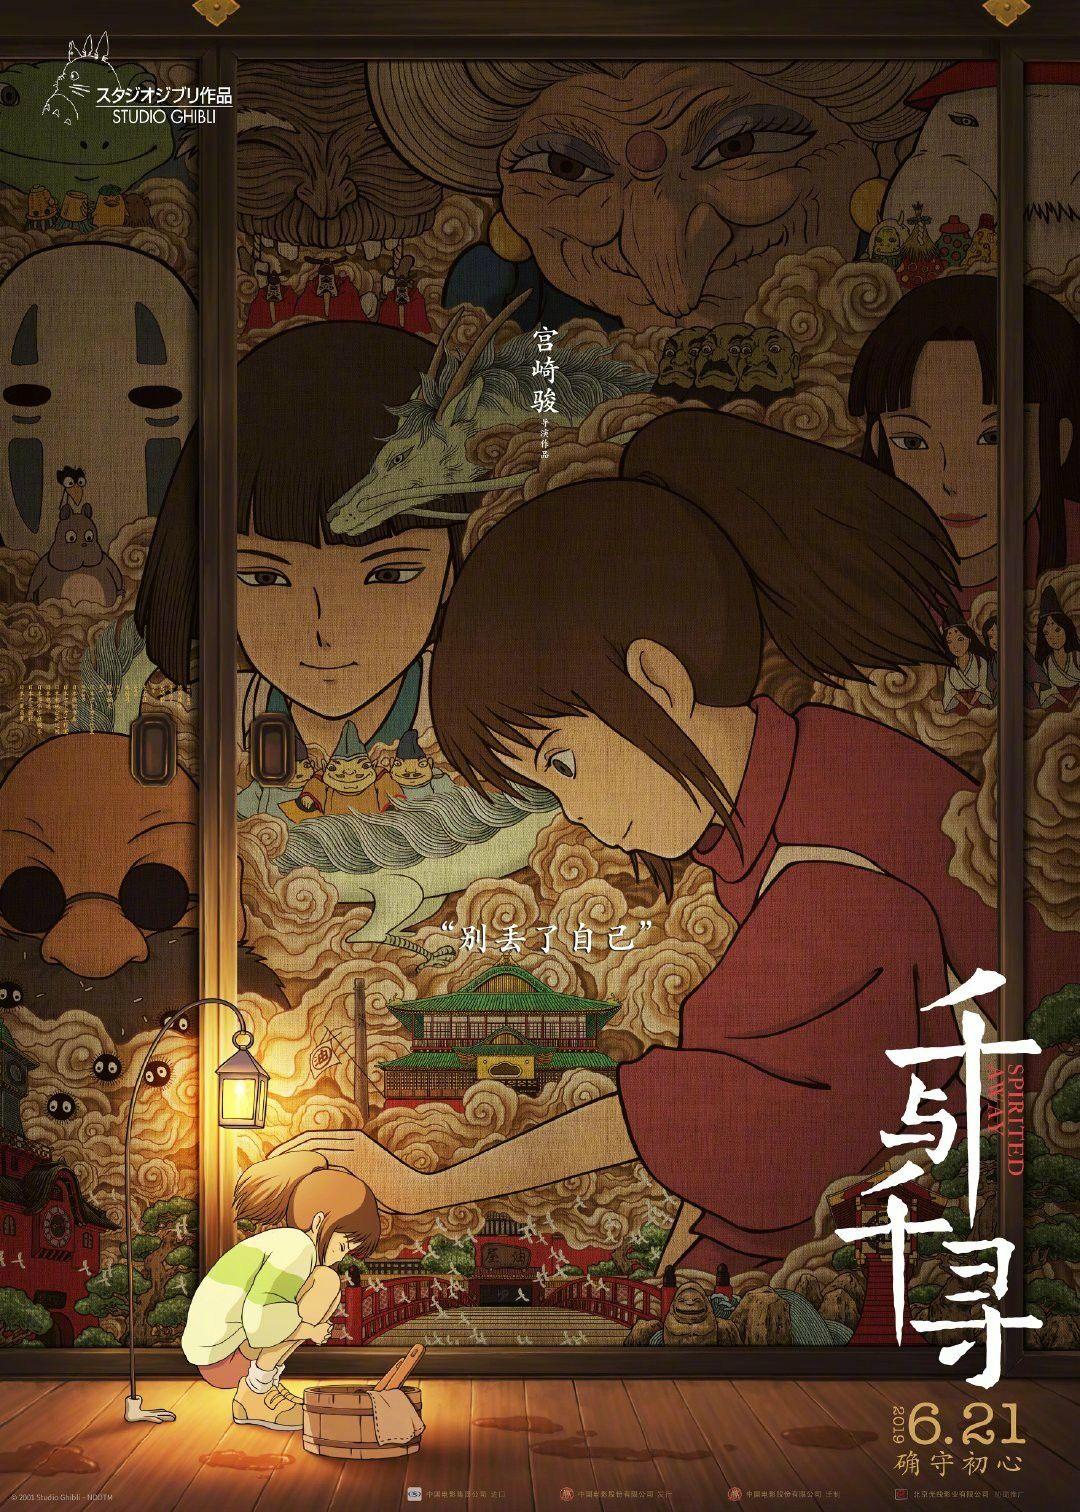 Marize さんのボード Studio Ghibli 黄海 ジブリ イラスト イラストアート